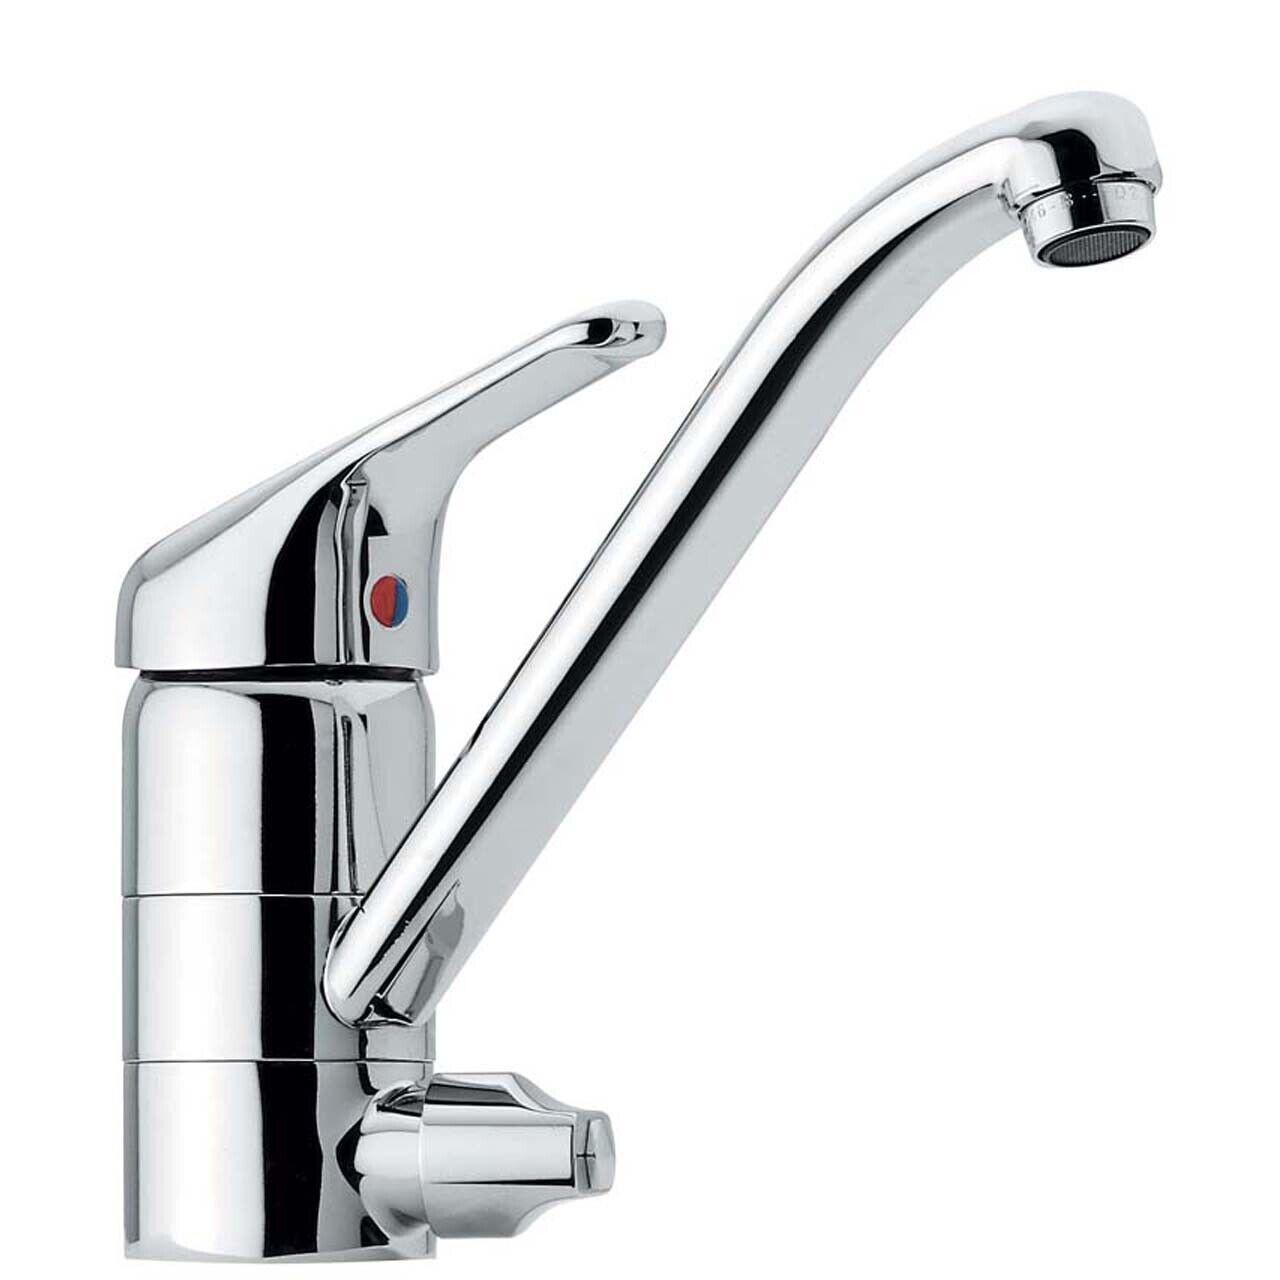 Einhebel Spültisch Küchenarmatur Wasserhahn mit Geräteanschluss - MADE IN ITALY